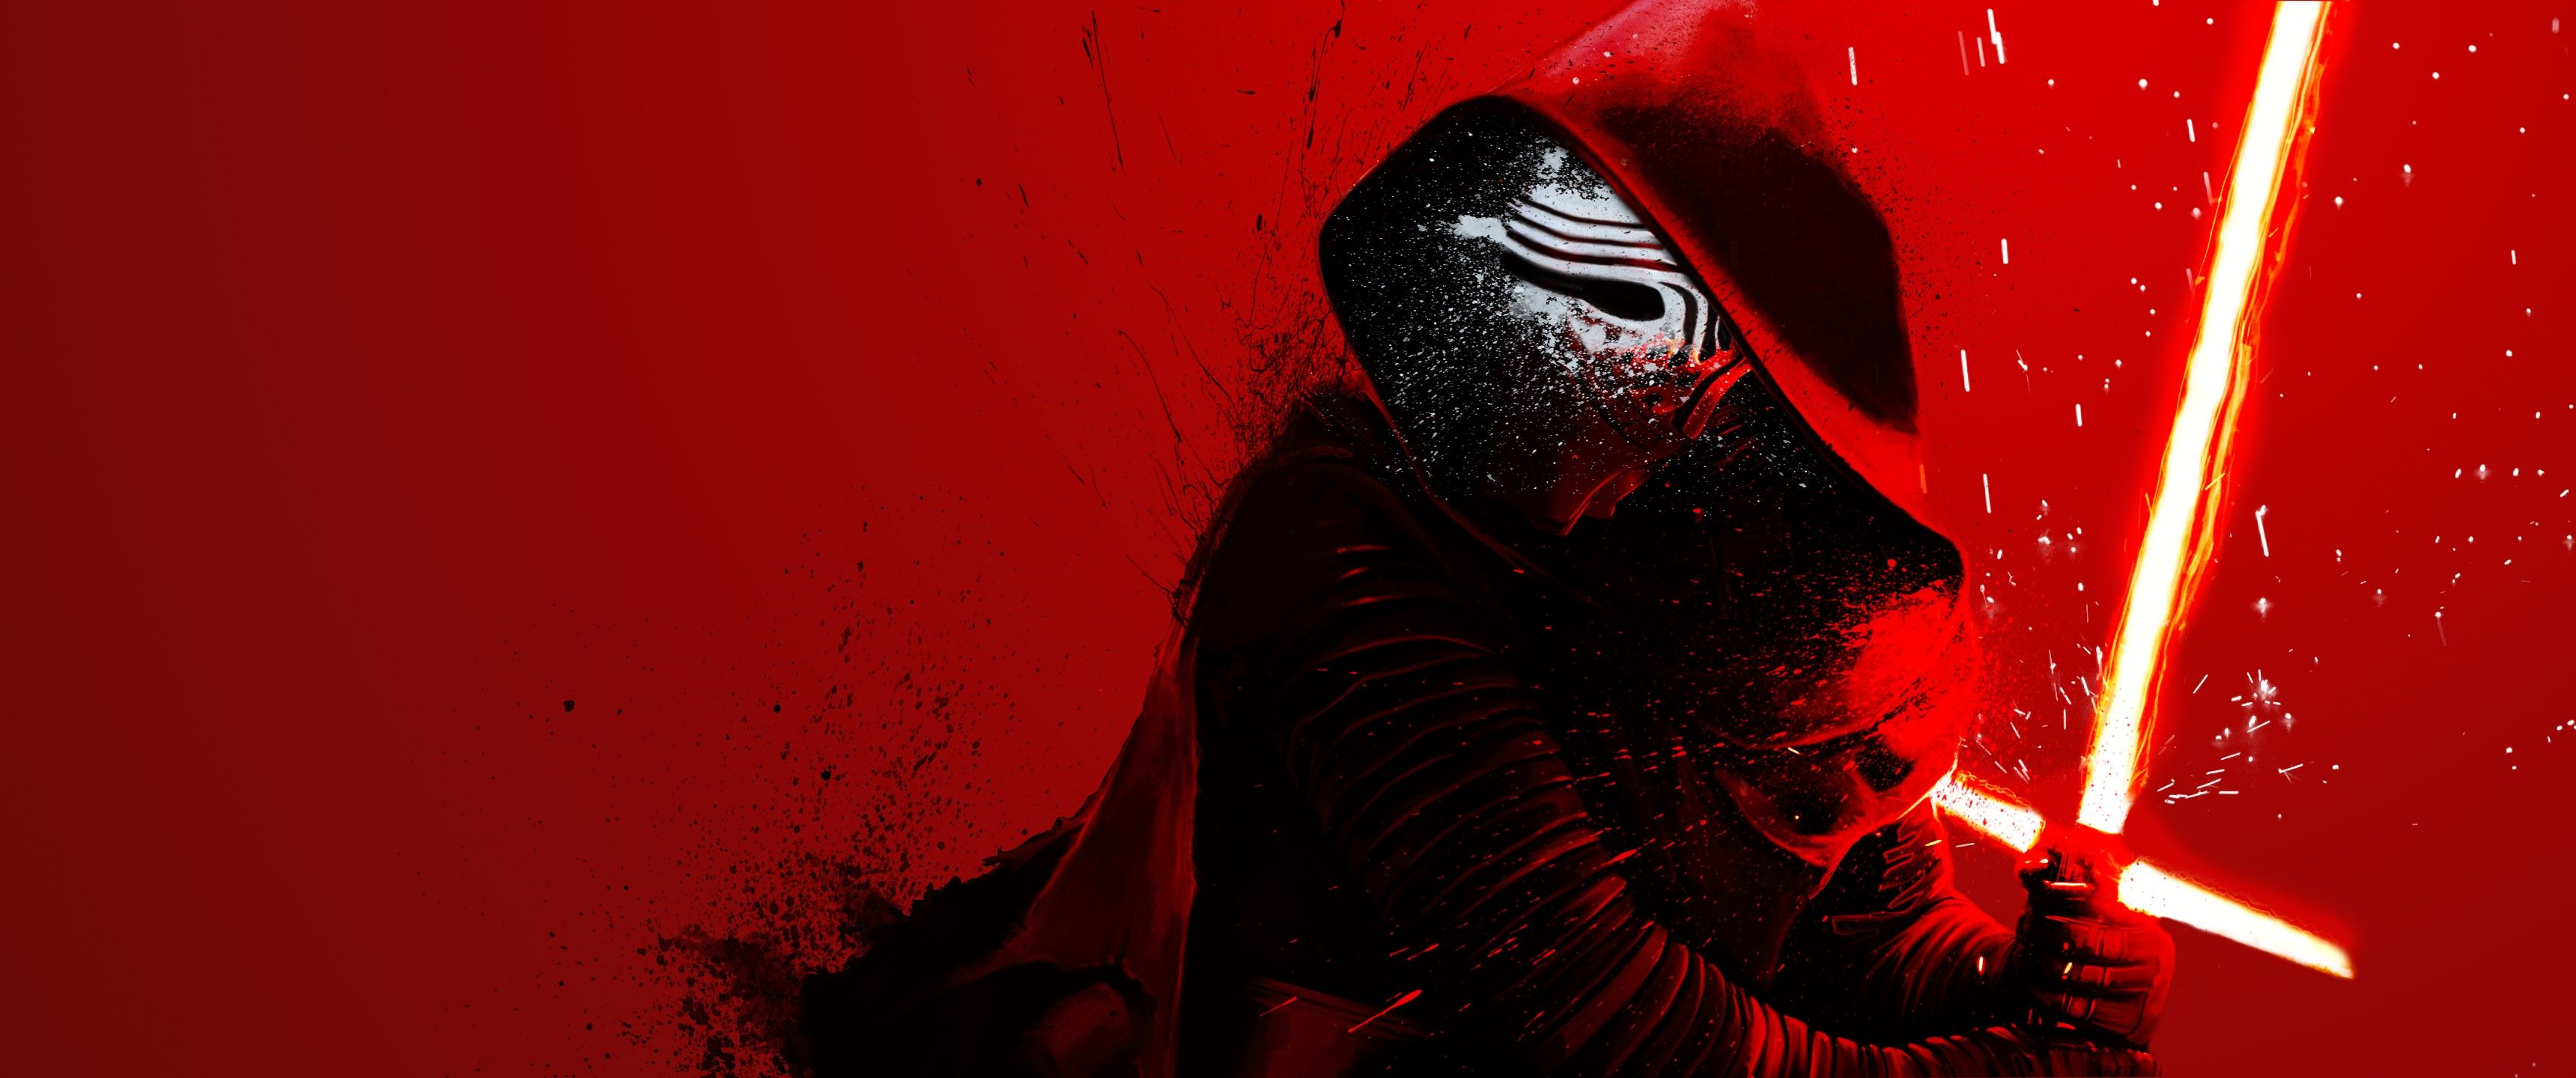 Popular Kylo Ren Wallpaper 3440x1440 For 1080p Kylo Ren Wallpaper Star Wars Wallpaper Darth Vader Wallpaper